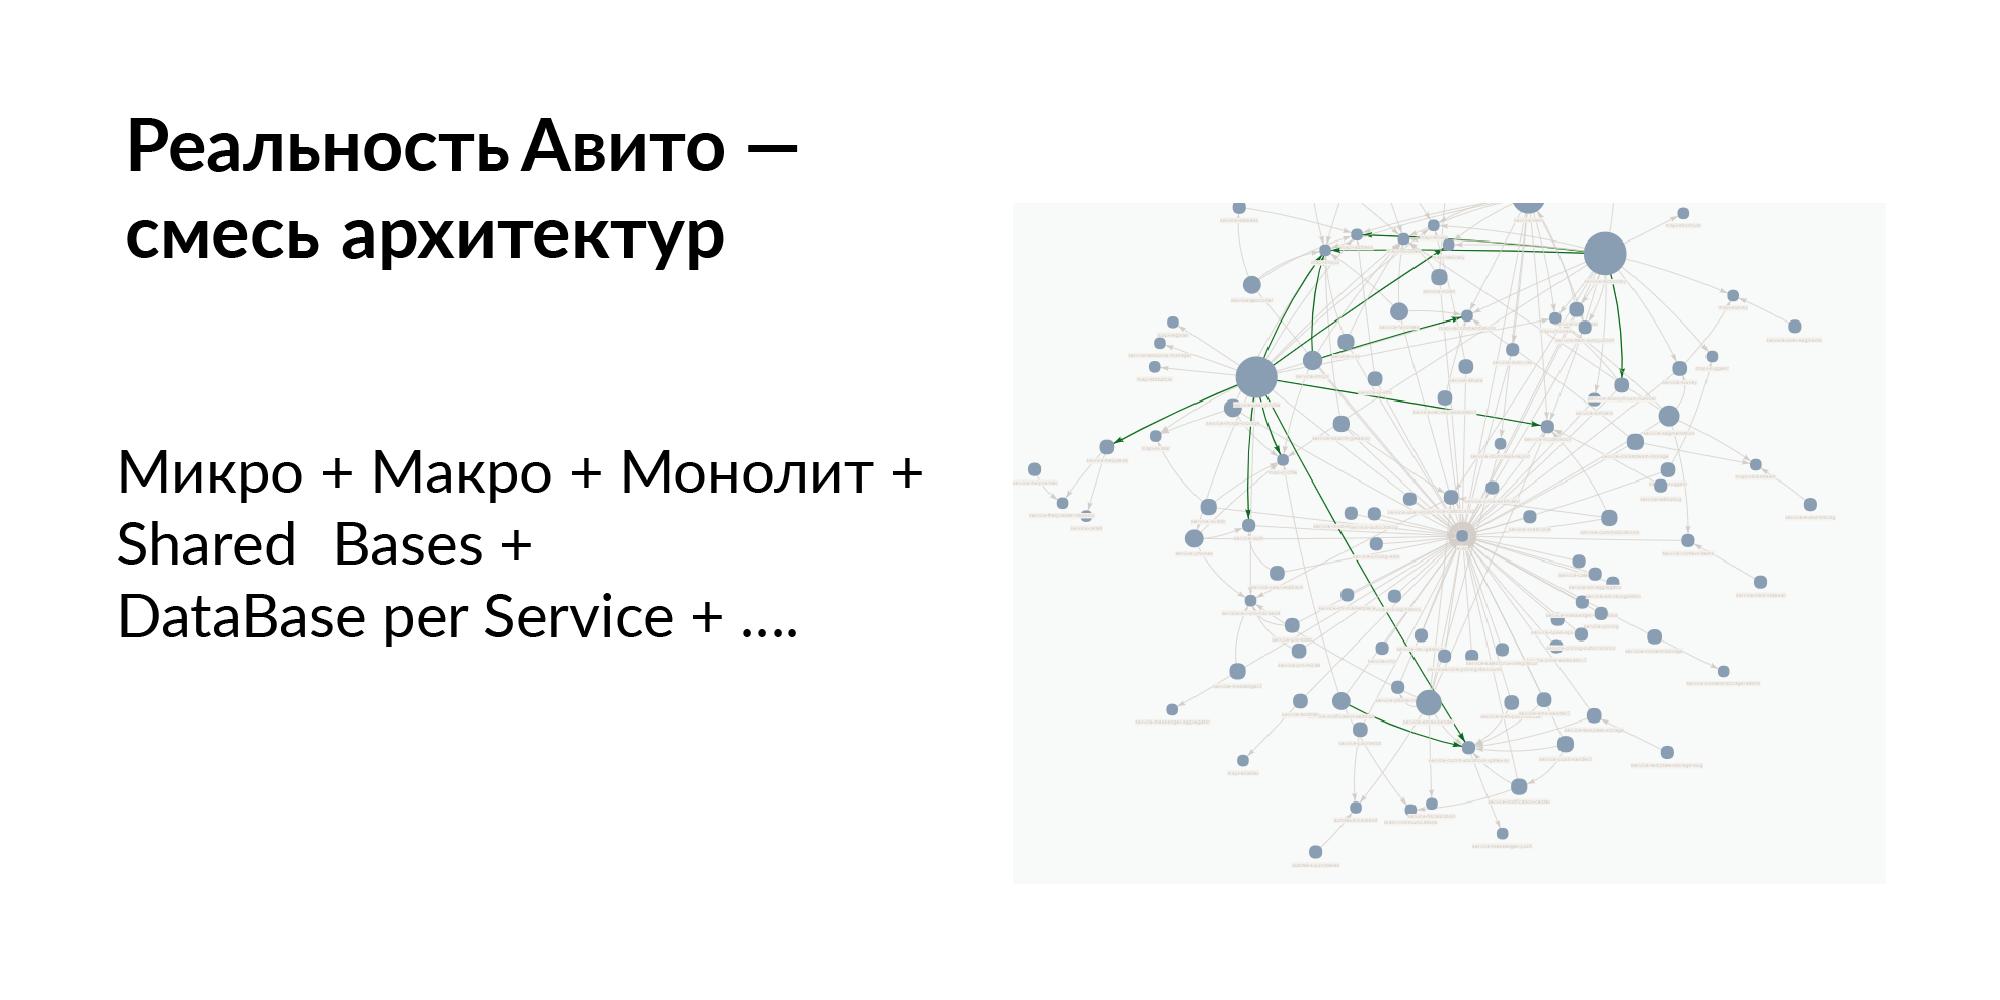 Концепция персистентной ткани для контроля IT-инфраструктуры - 4